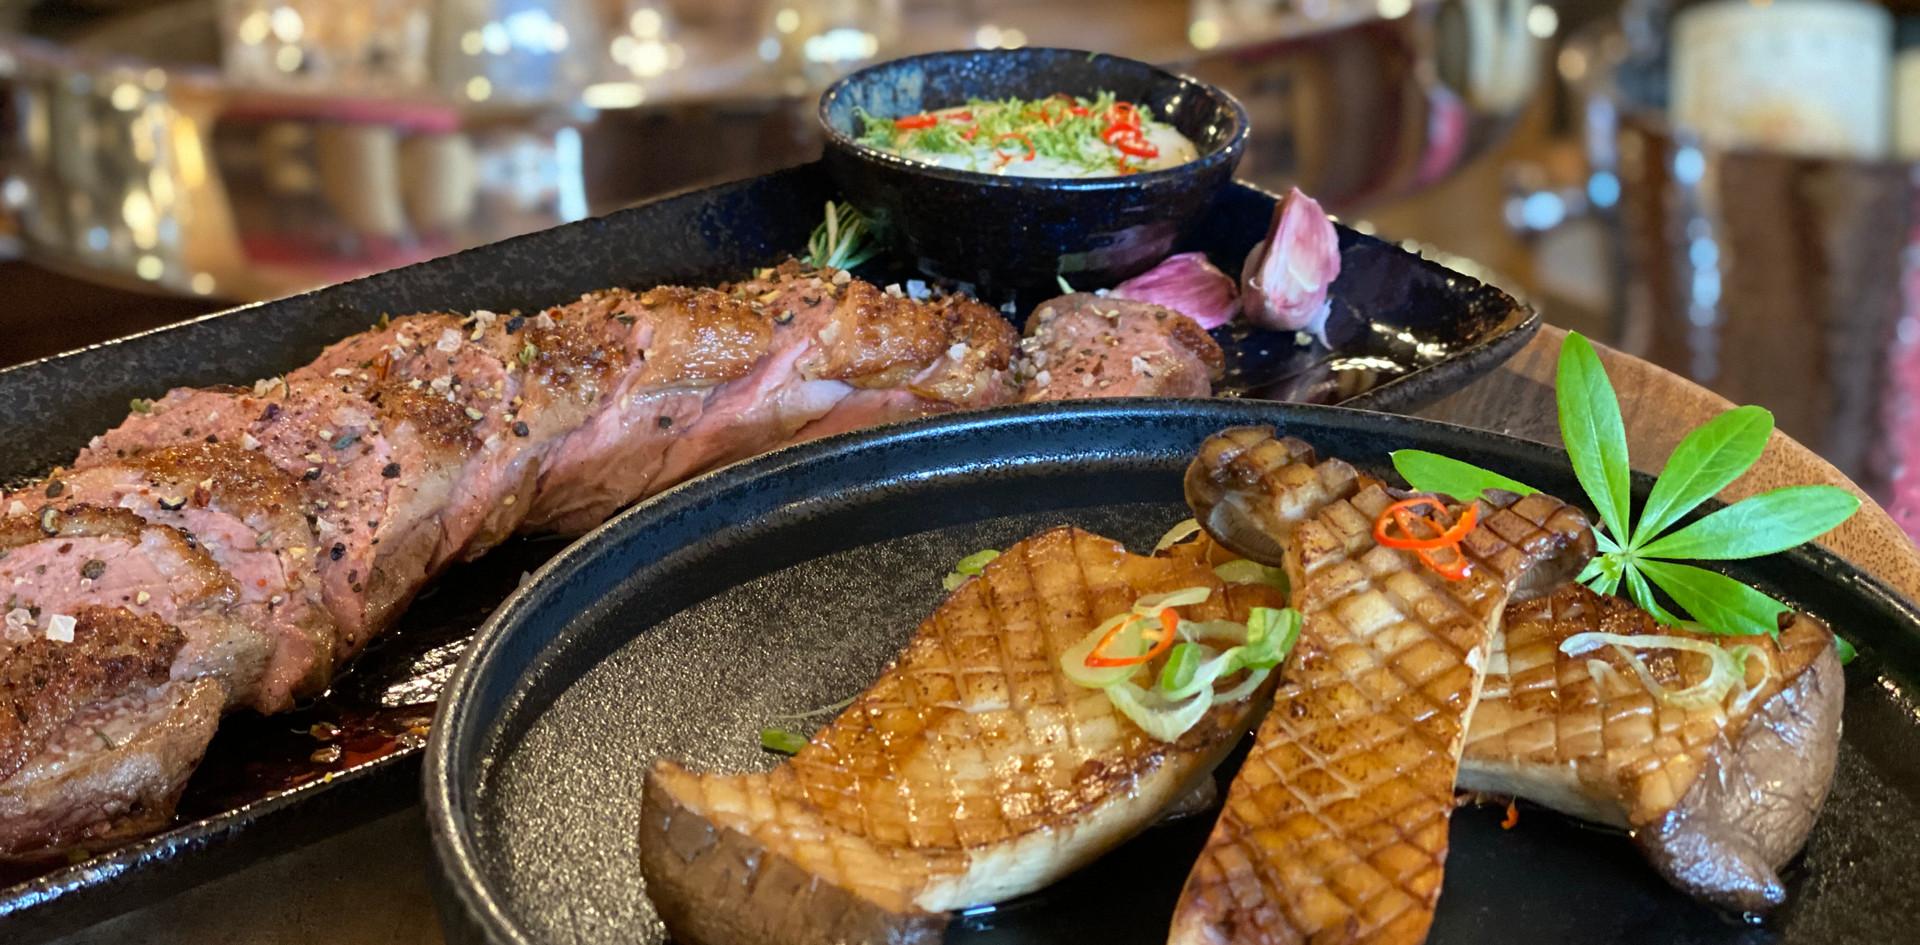 Fisch und Fleisch Restaurant Dinner - Hotel Wegner - The culinary Art Hotel